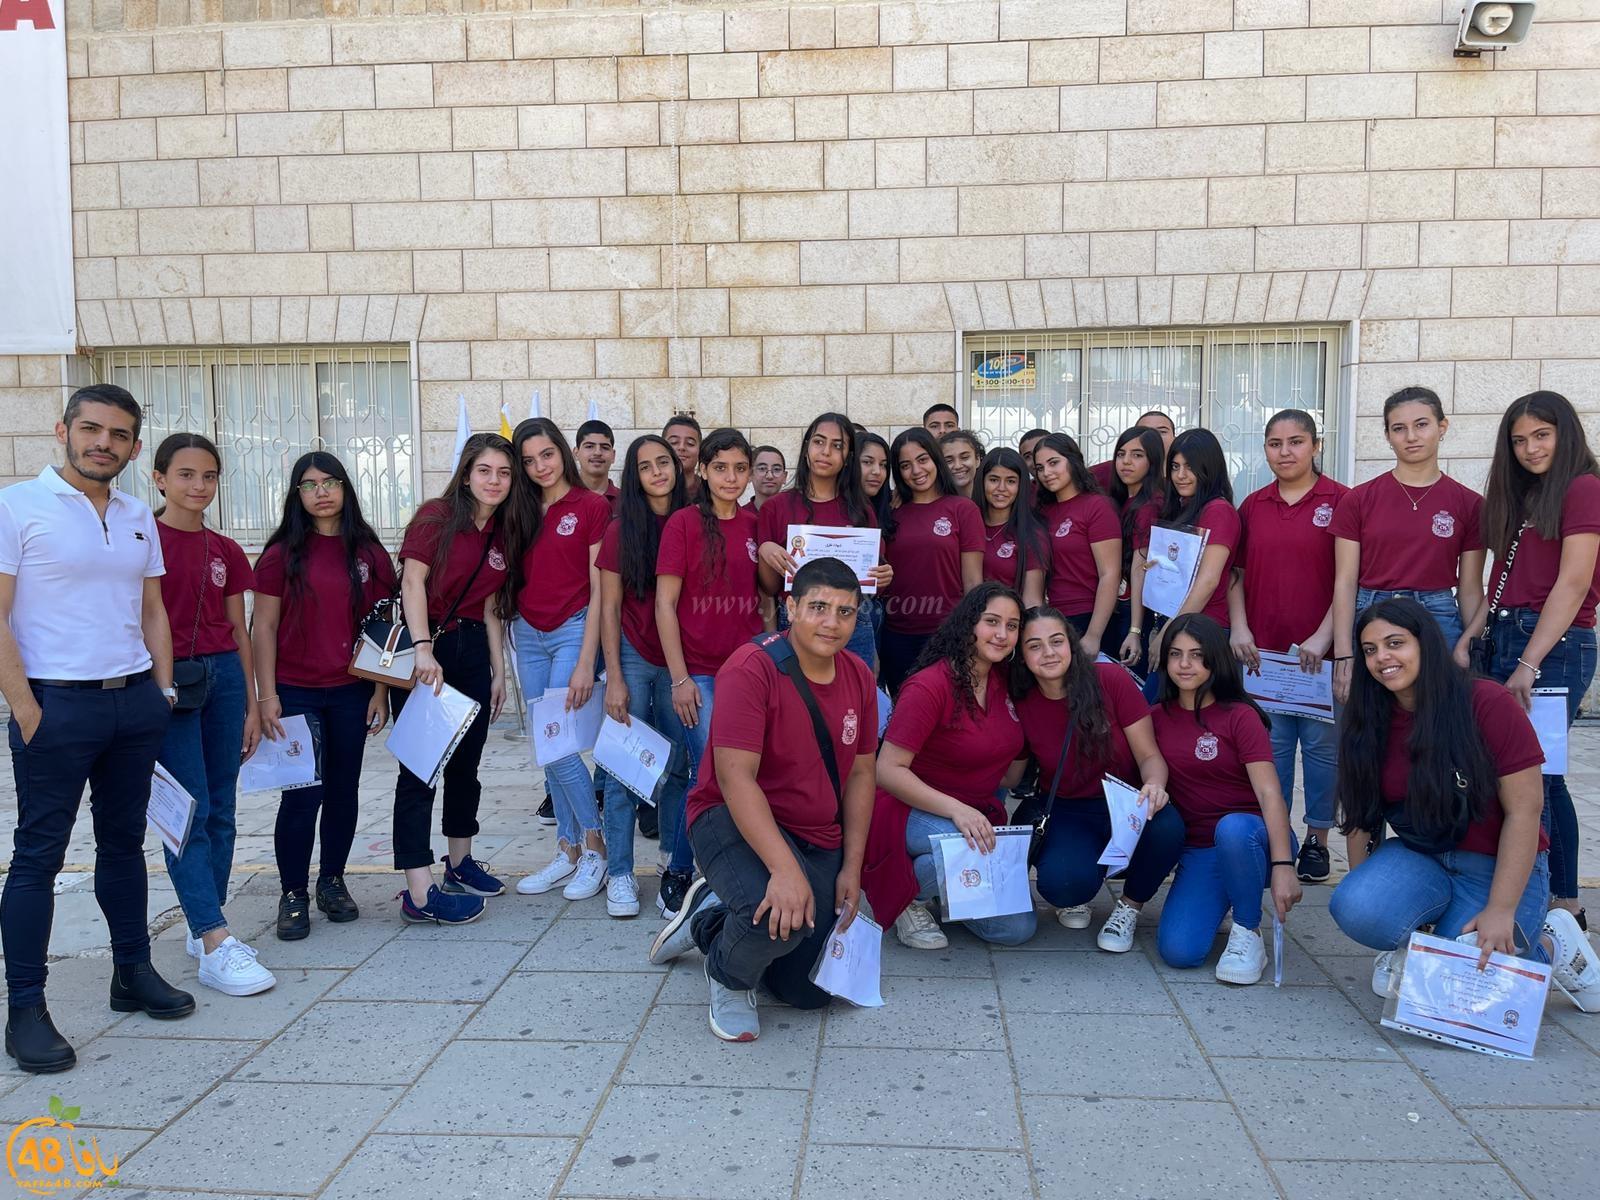 صور: احتفال توزيع شهادات نهاية العام في تراسنطا الثانوية - يافا